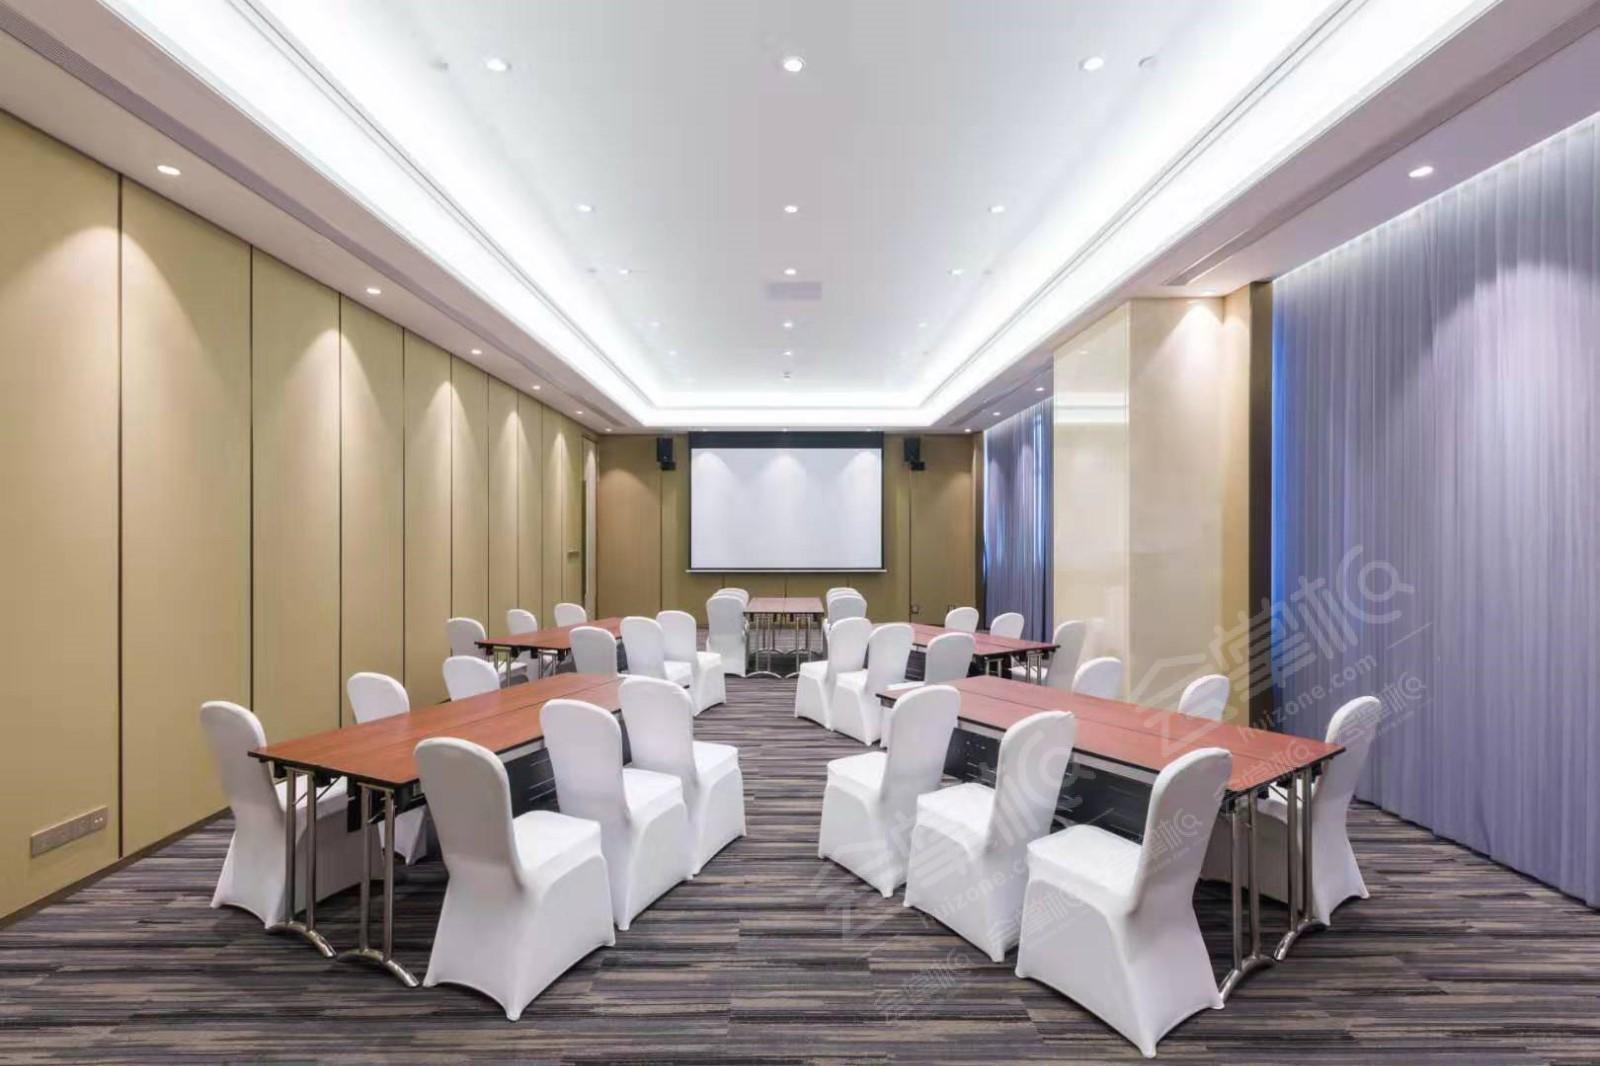 西安能容纳500人以上的四星级会议酒店推荐 西安会议场地